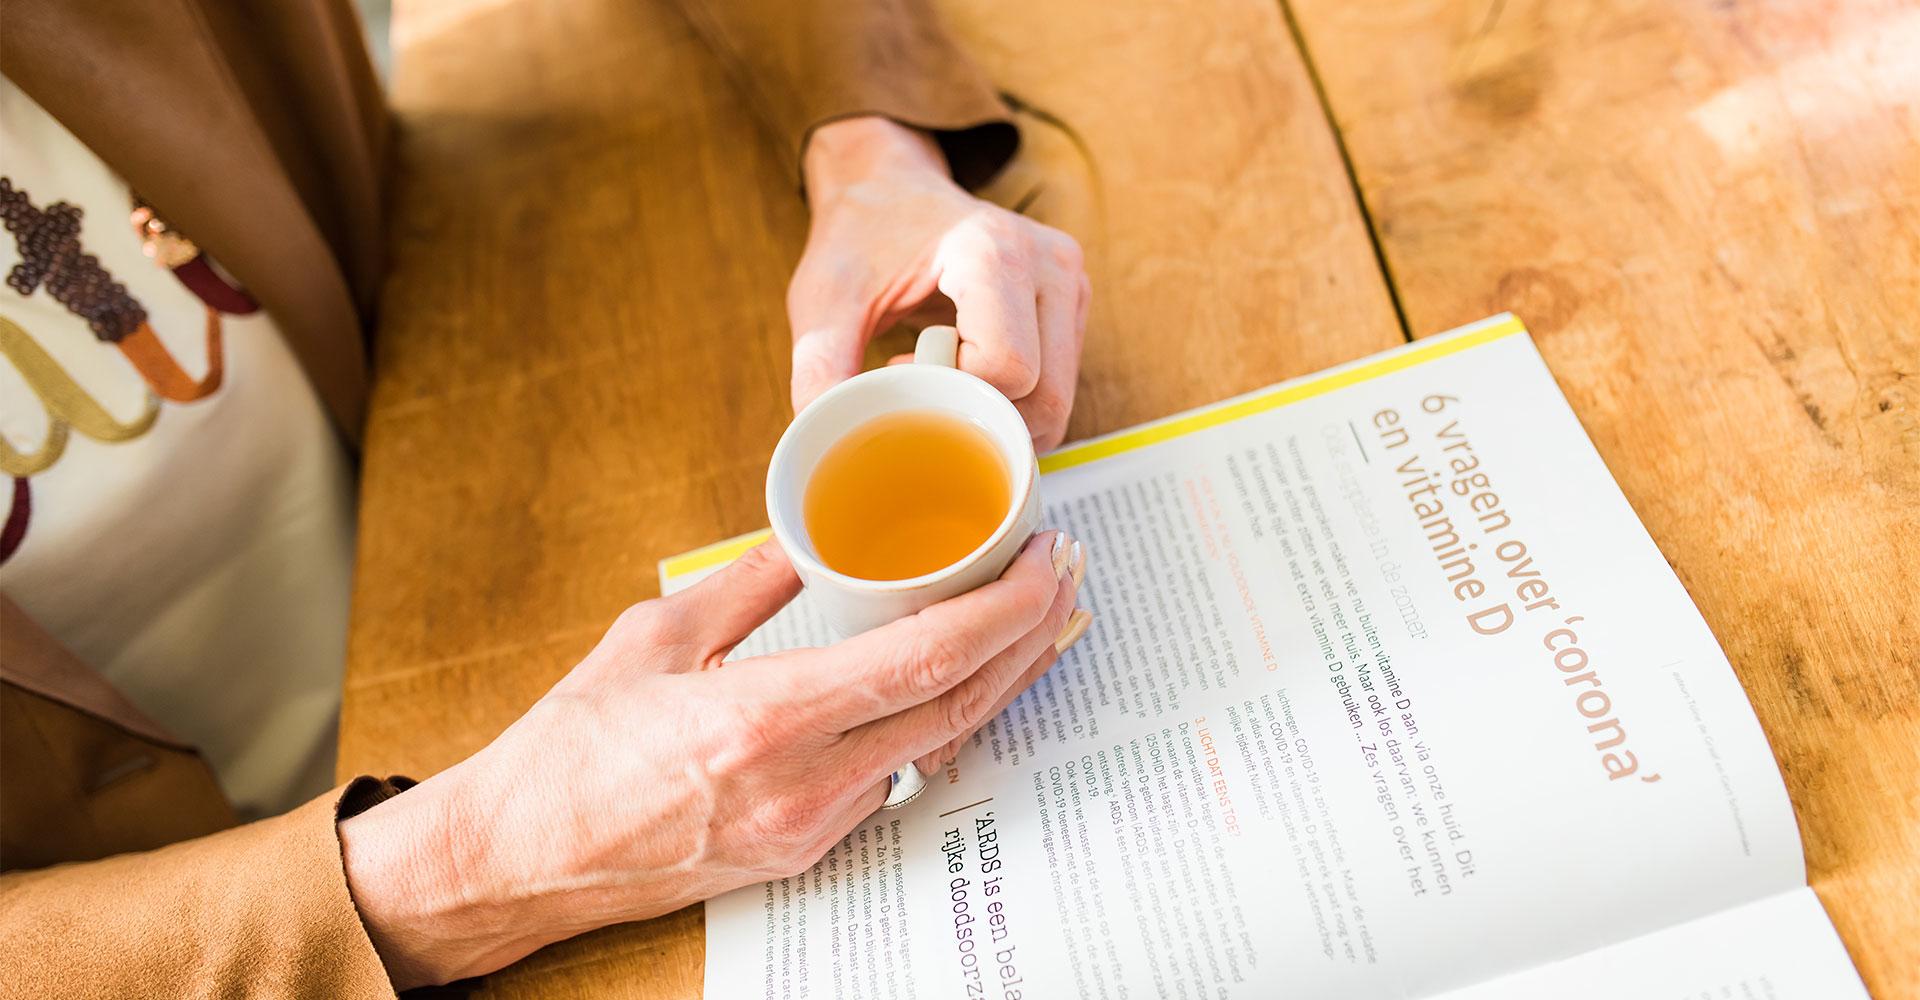 Vrouwen menopauze: begeleiding bij voeding